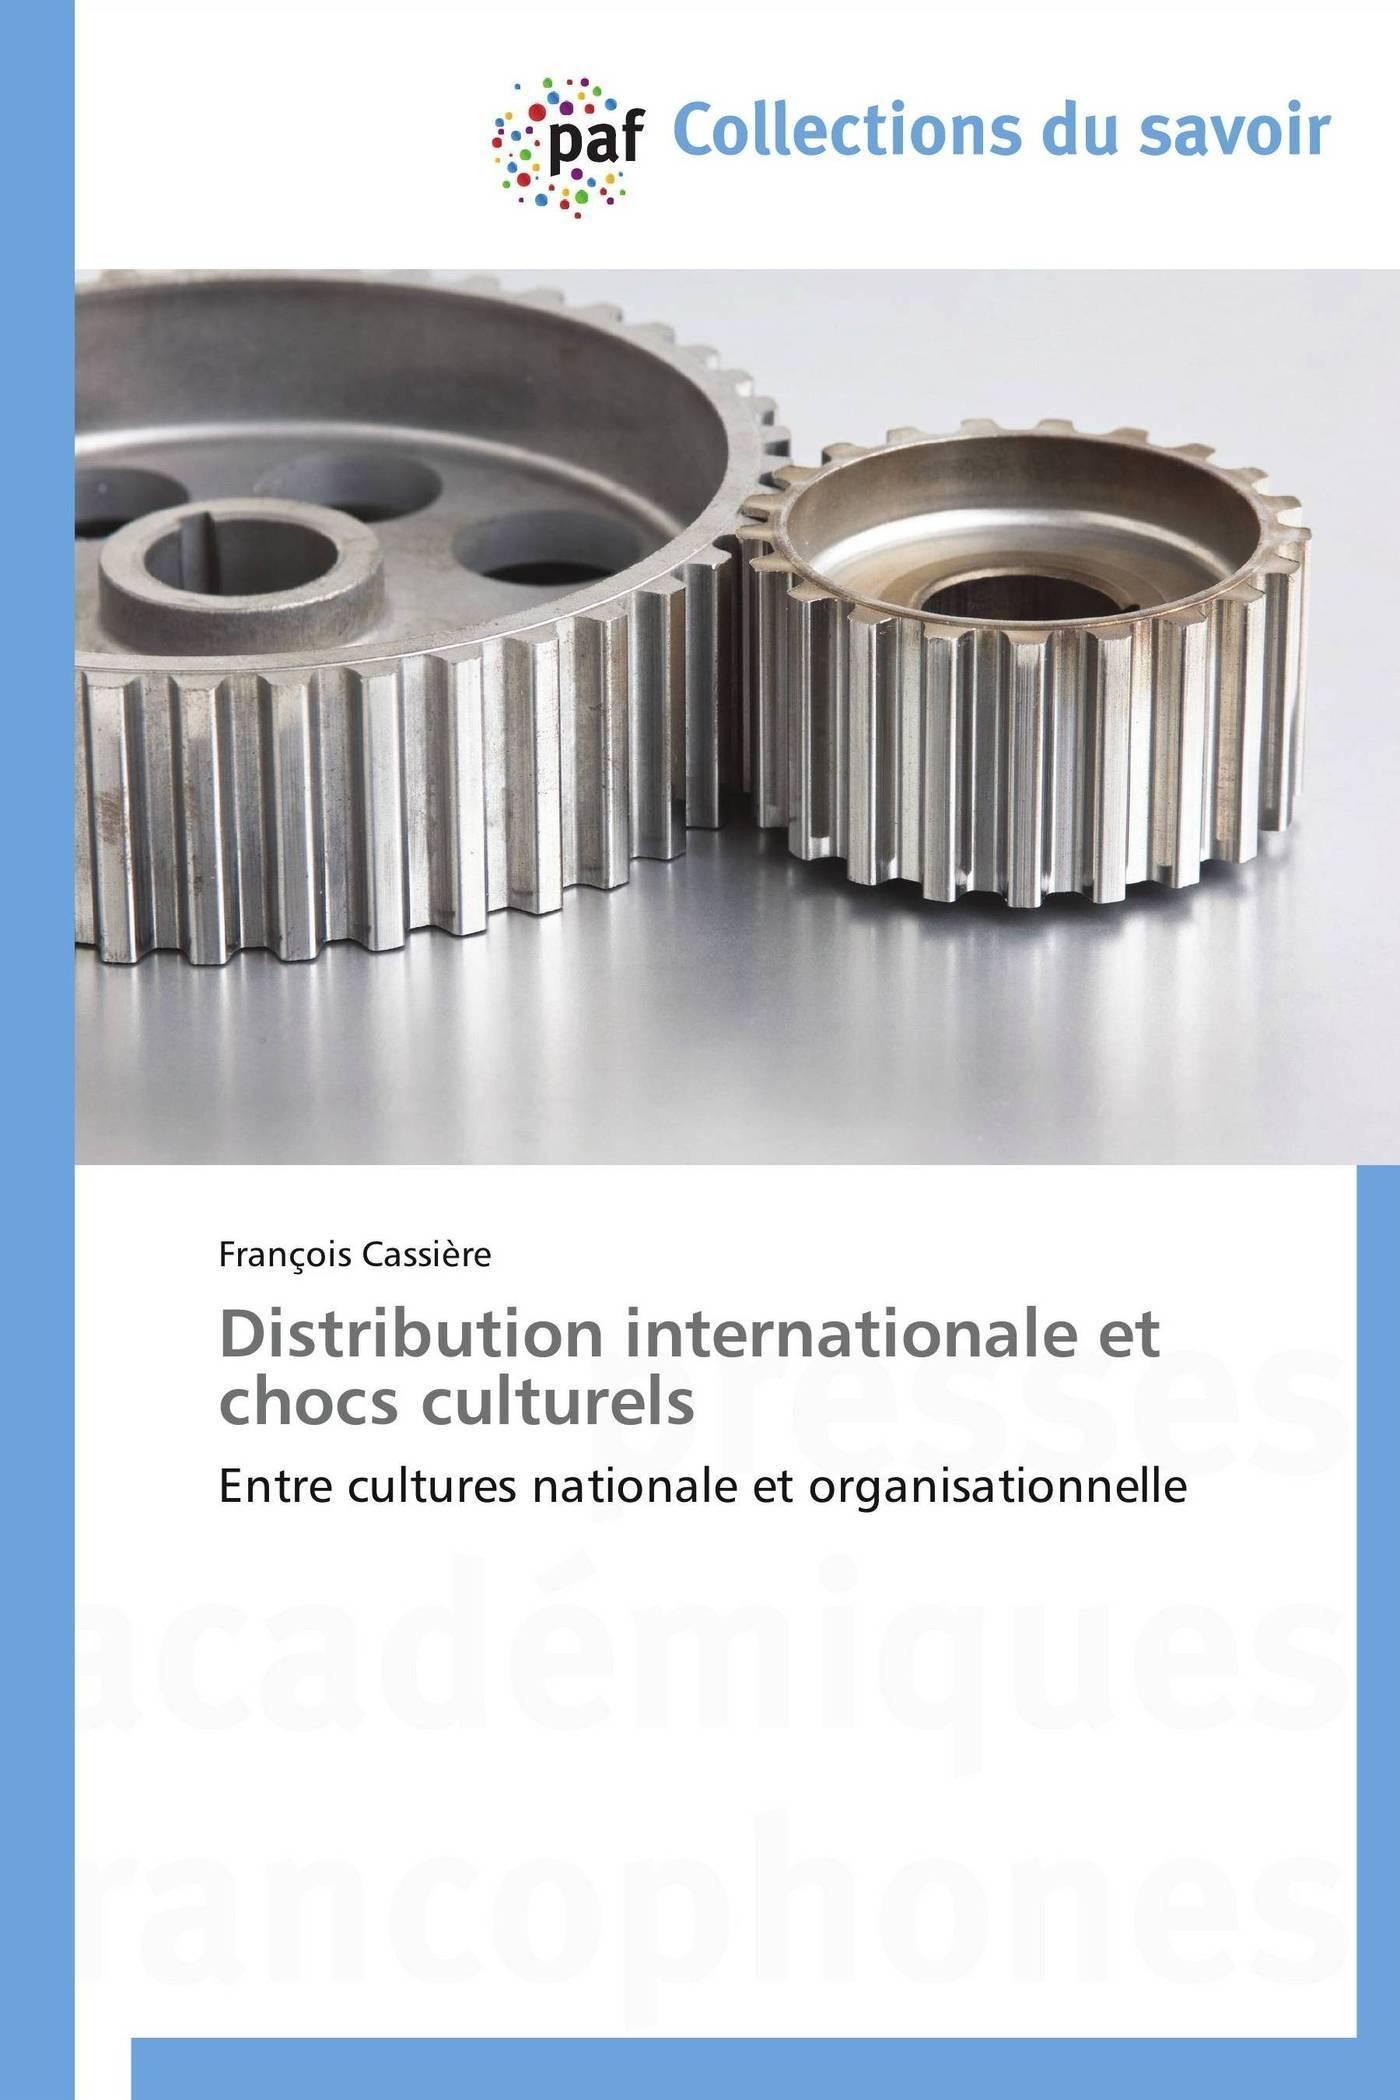 DISTRIBUTION INTERNATIONALE ET CHOCS CULTURELS